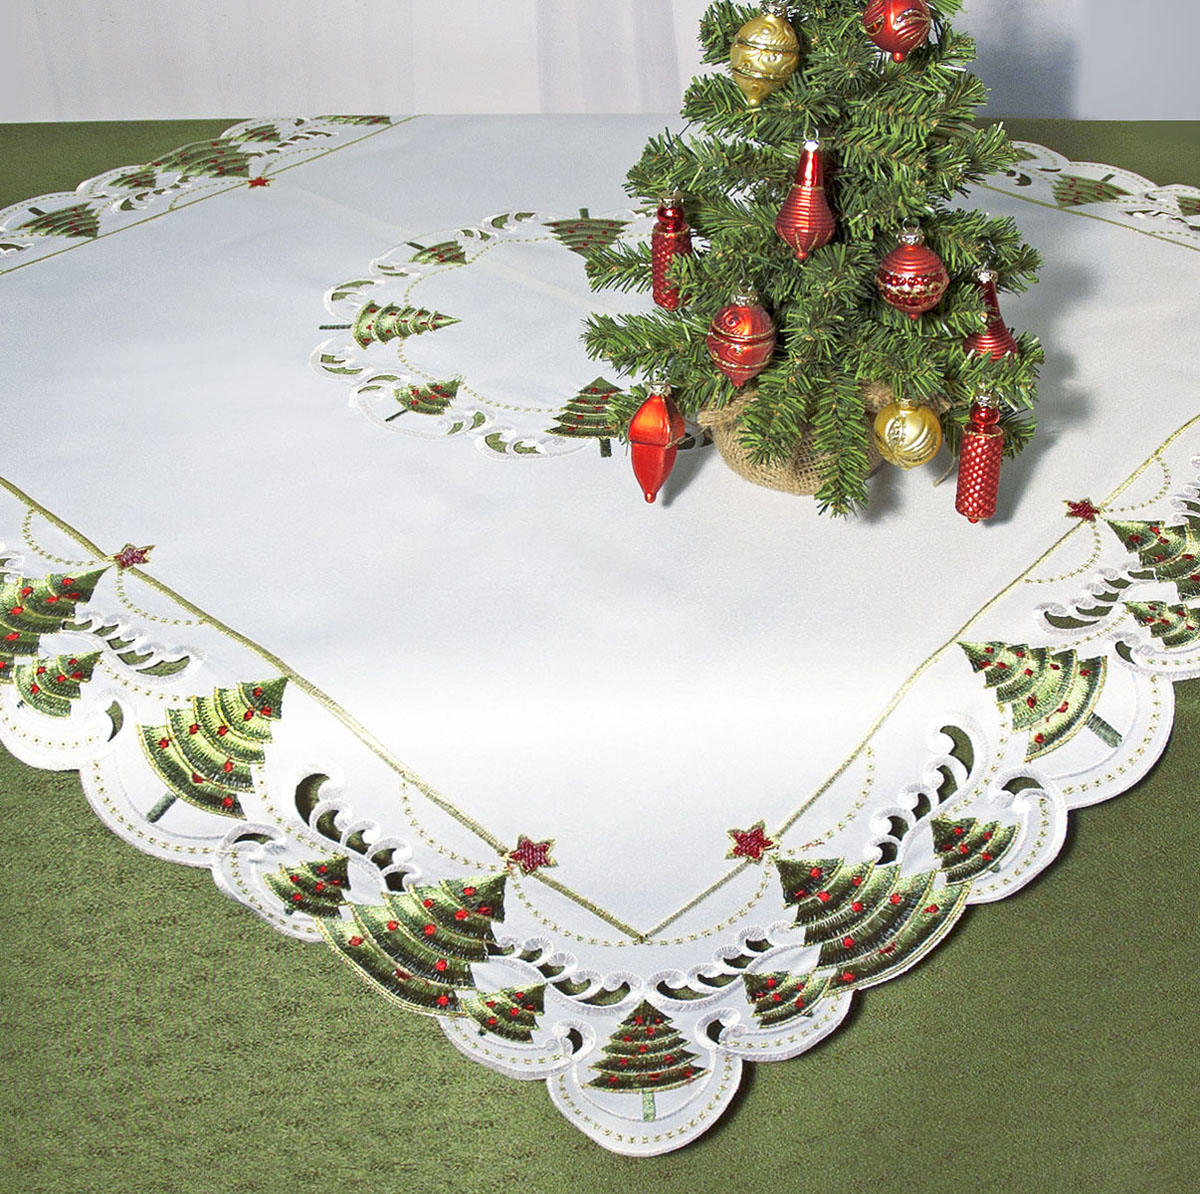 Скатерть Schaefer, квадратная, цвет: белый, зеленый, 85x 85 см. 07494-10007494-100Скатерть Schaefer изготовлена из полиэстера и украшена новогодней вышивкой. Края изделия оформлены в технике ришелье.Изделия из полиэстера легко стирать: они не мнутся, не садятся и быстро сохнут, они более долговечны, чем изделия из натуральных волокон. Кроме того, ткань обладает водоотталкивающими свойствами. Такая скатерть будет просто не заменима на кухне, а особенно на вашем обеденном столе на даче под открытым небом. Скатерть Schaefer не останется без внимания ваших гостей, а вас будет ежедневно радовать ярким дизайном и несравненным качеством.Немецкая компания Schaefer создана в 1921 году. На протяжении всего времени существования она создает уникальные коллекции домашнего текстиля для гостиных, спален, кухонь и ванных комнат. Дизайнерские идеи немецких художников компании Schaefer воплощаются в текстильных изделиях, которые сделают ваш дом красивее и уютнее и не останутся незамеченными вашими гостями. Дарите себе и близким красоту каждый день! Изысканный текстиль от немецкой компании Schaefer - это красота, стиль и уют в вашем доме.